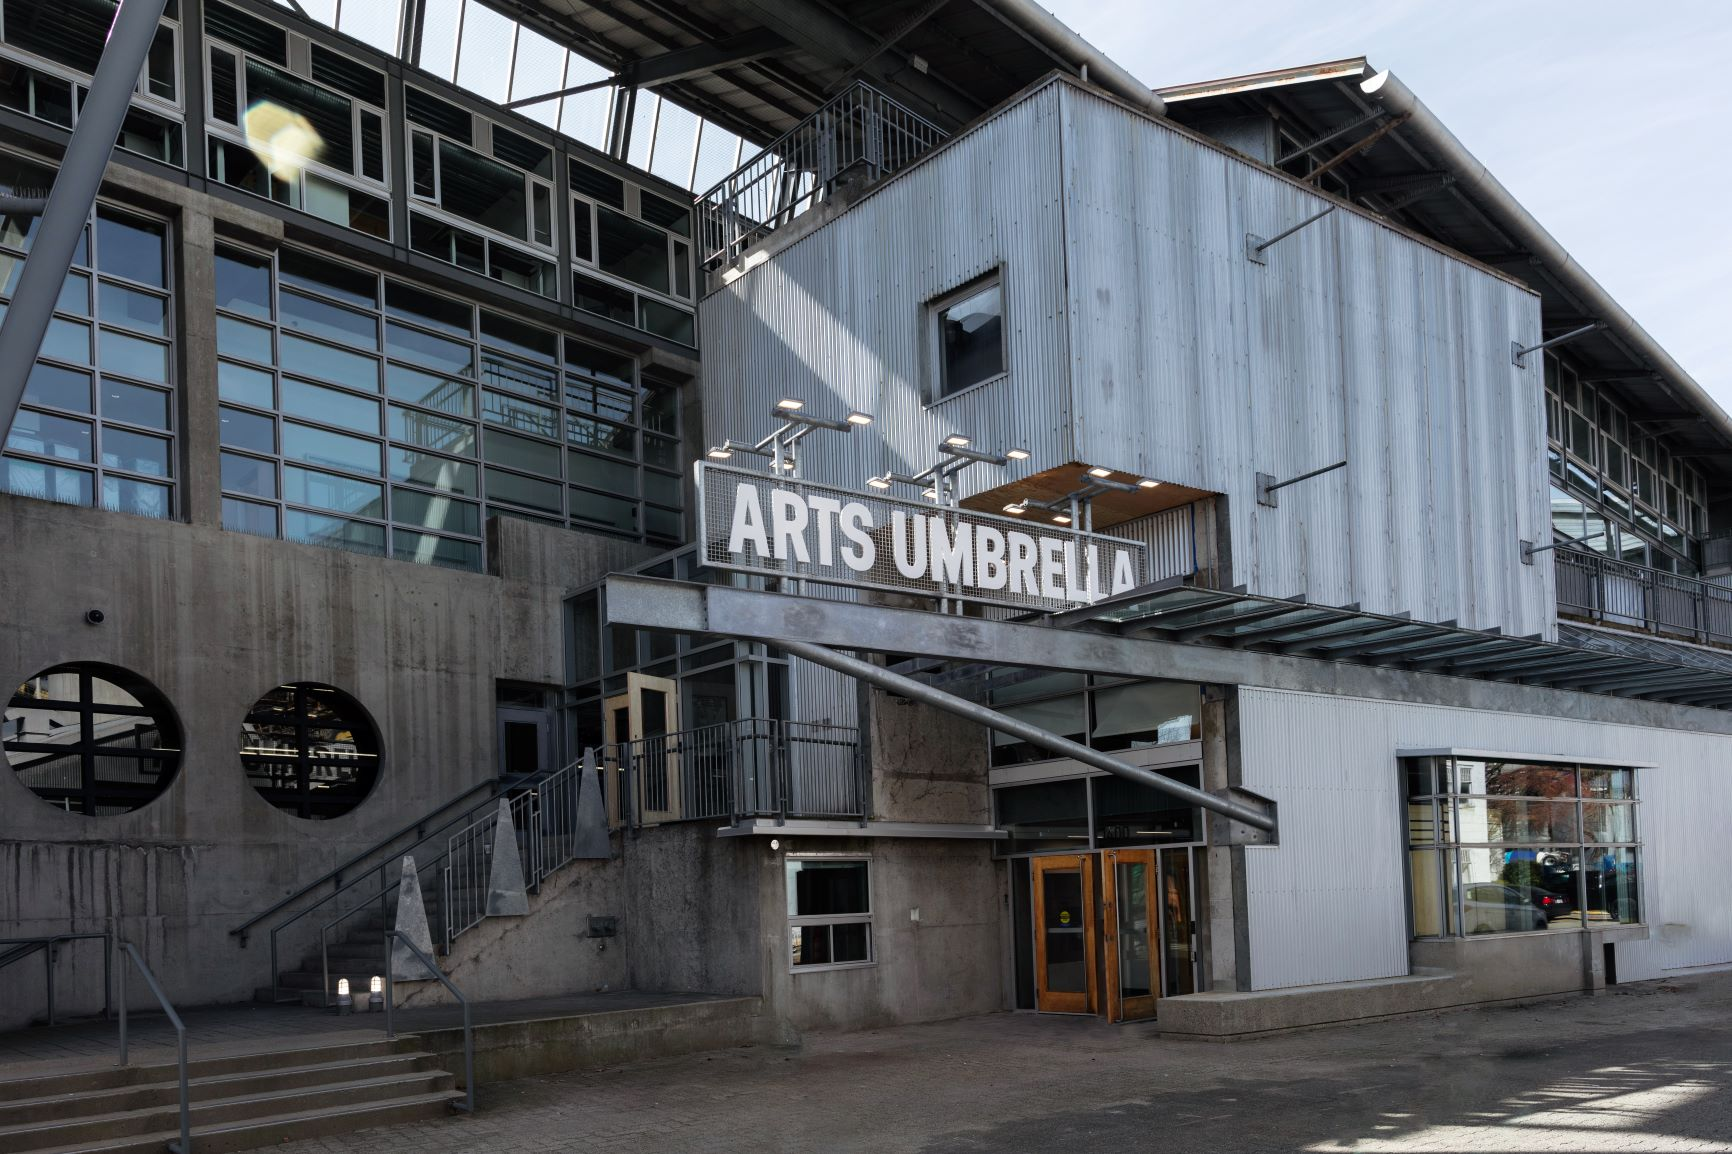 Arts Umbrella